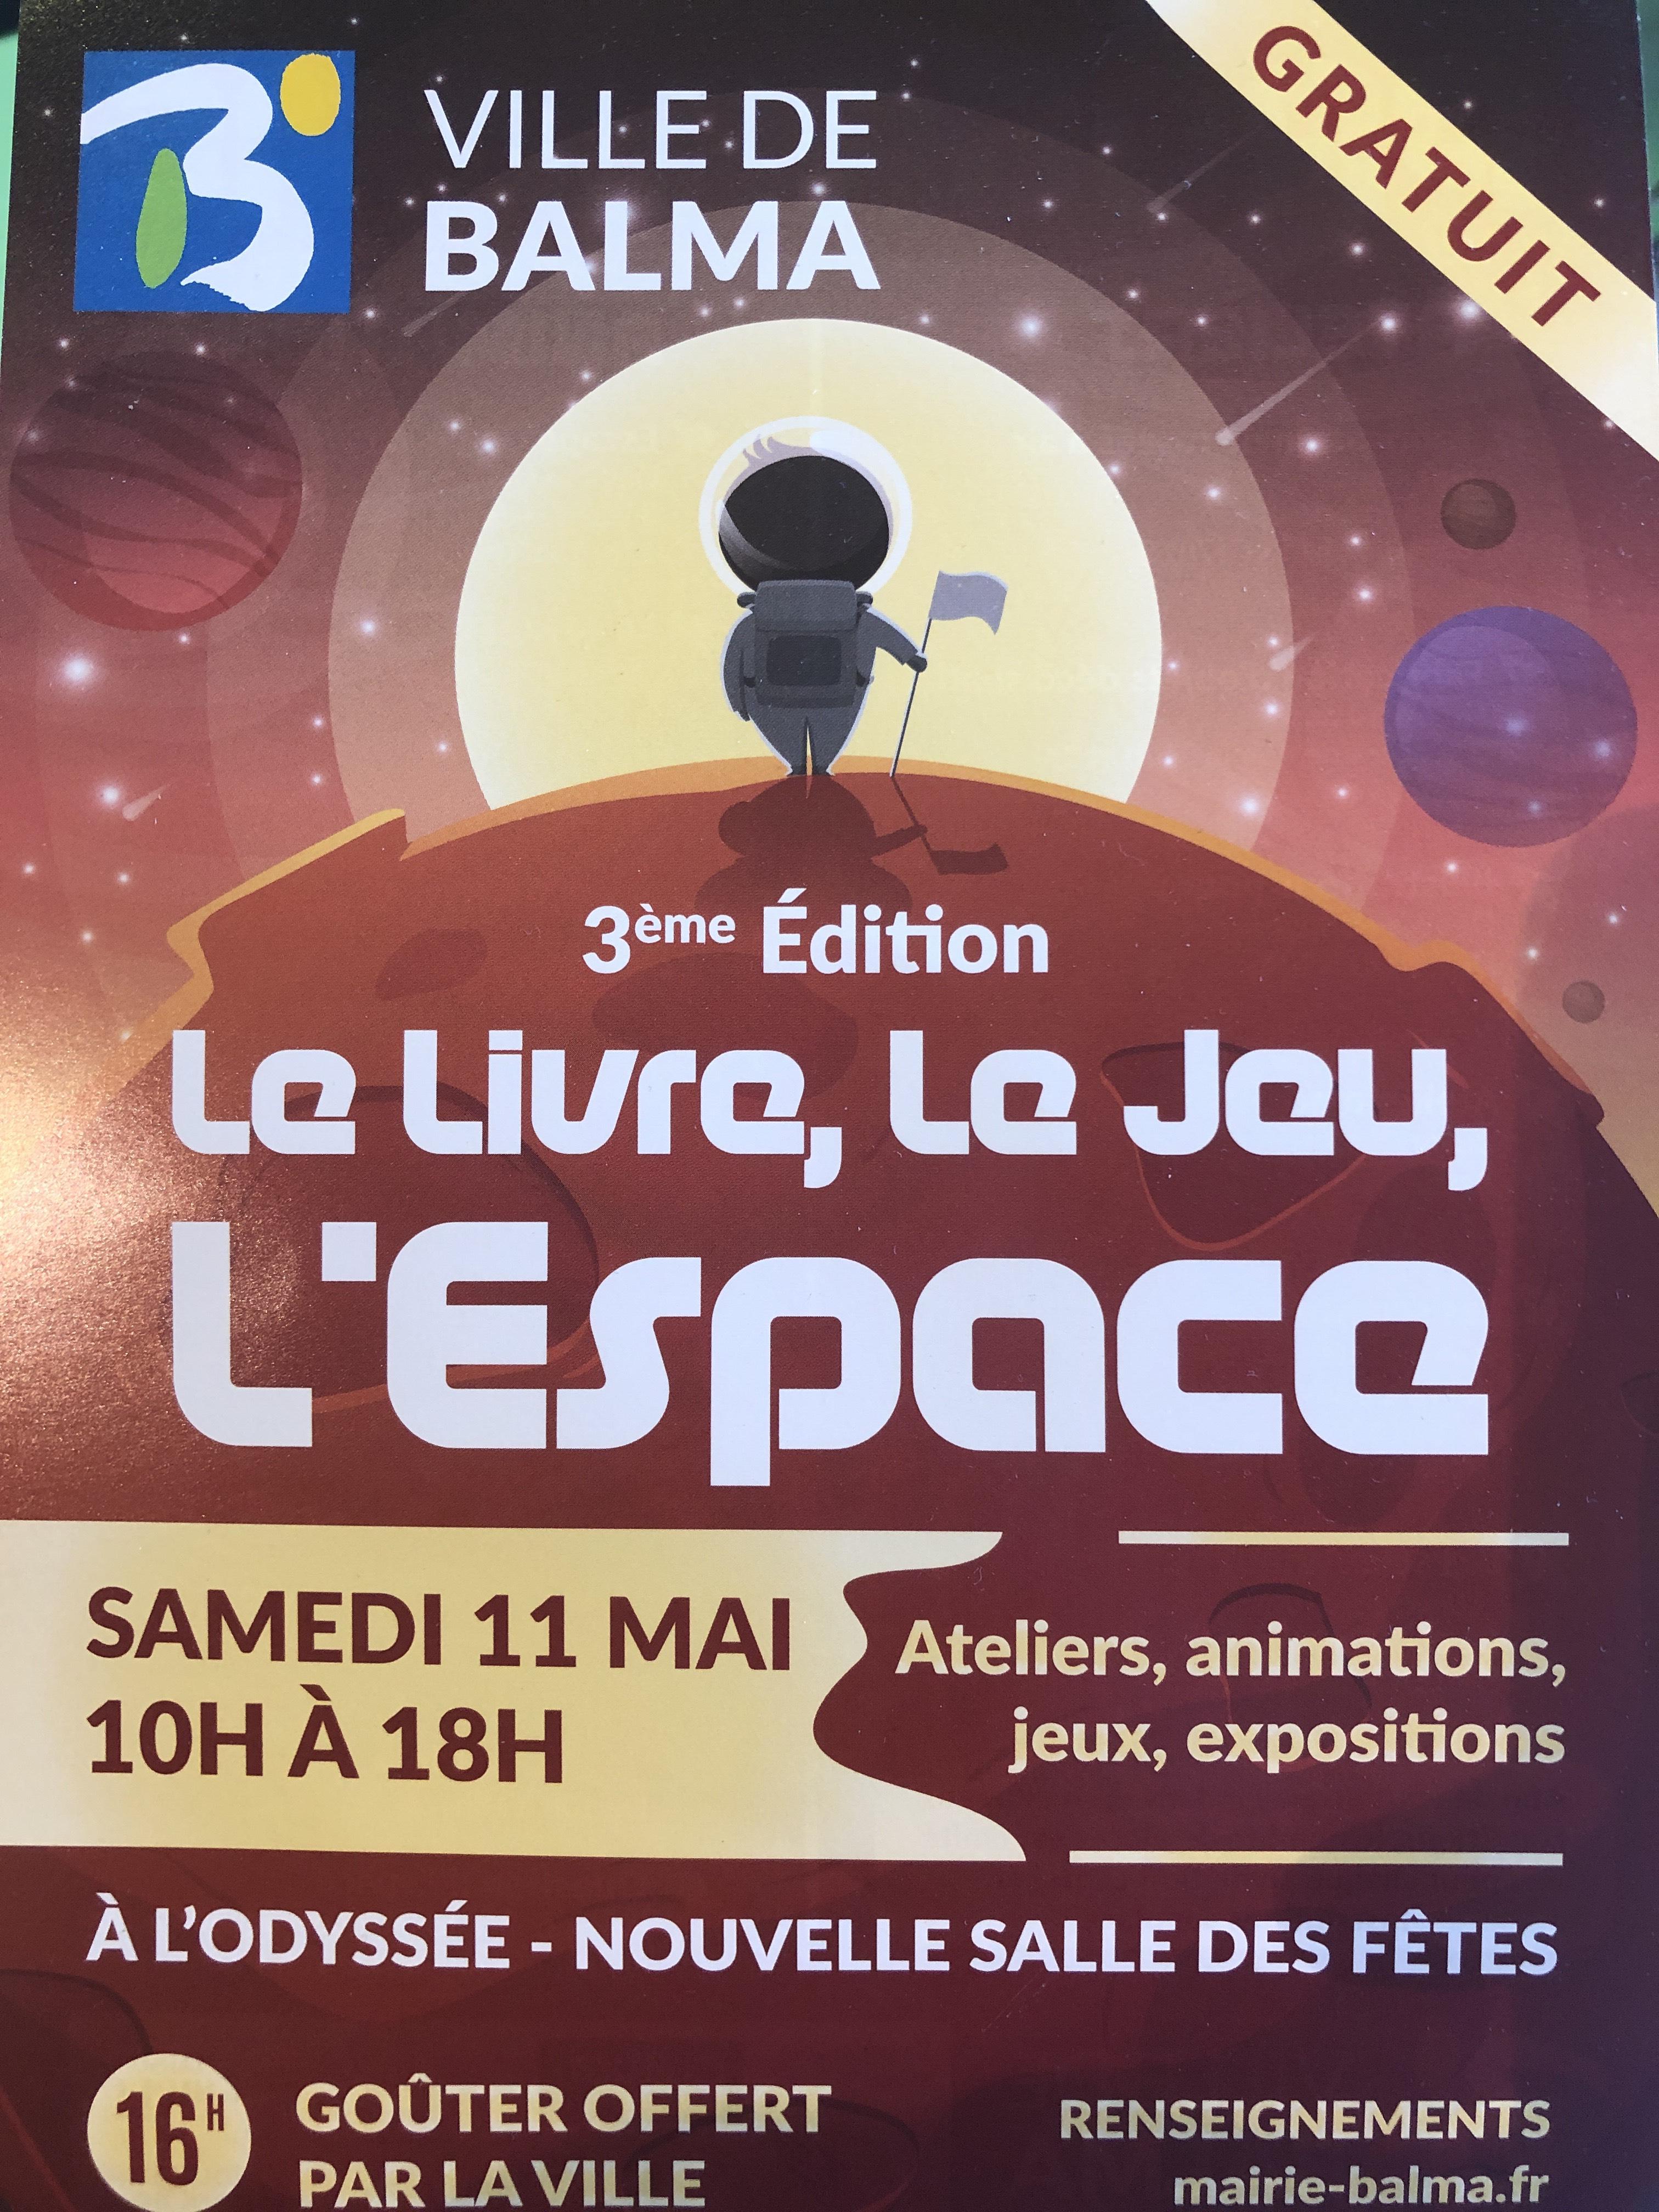 Le livre, le jeu, l'espace: Expositions, Séance de cinéma Le voyage dans la Lune... Gratuits - Balma (31)